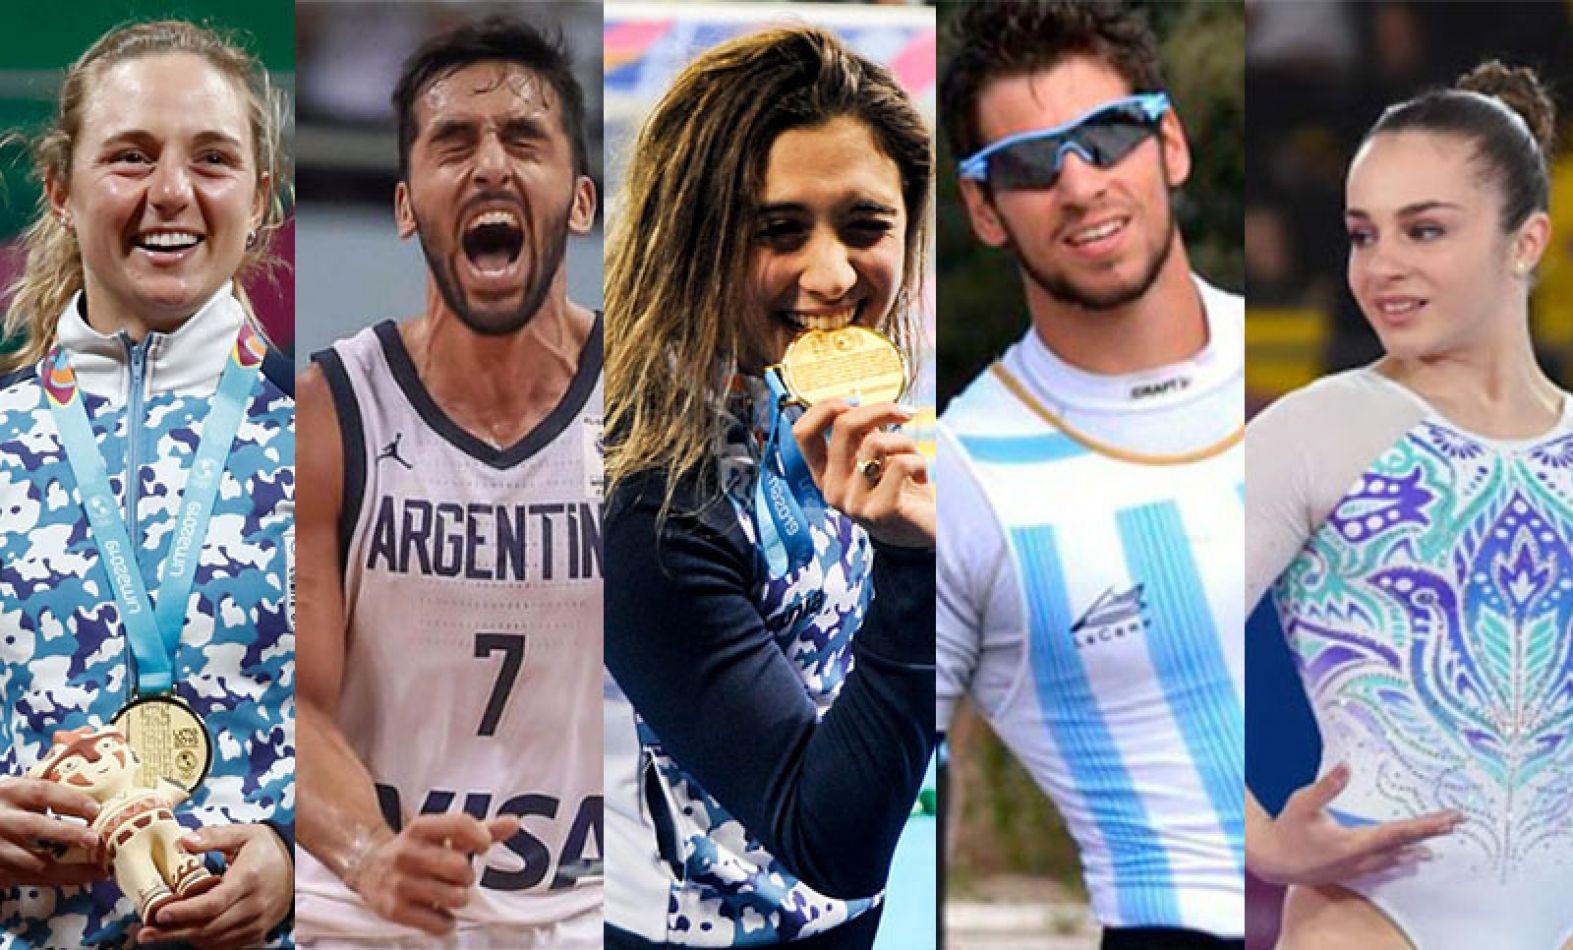 Los argentinos buscarán traer la primera medalla al País.